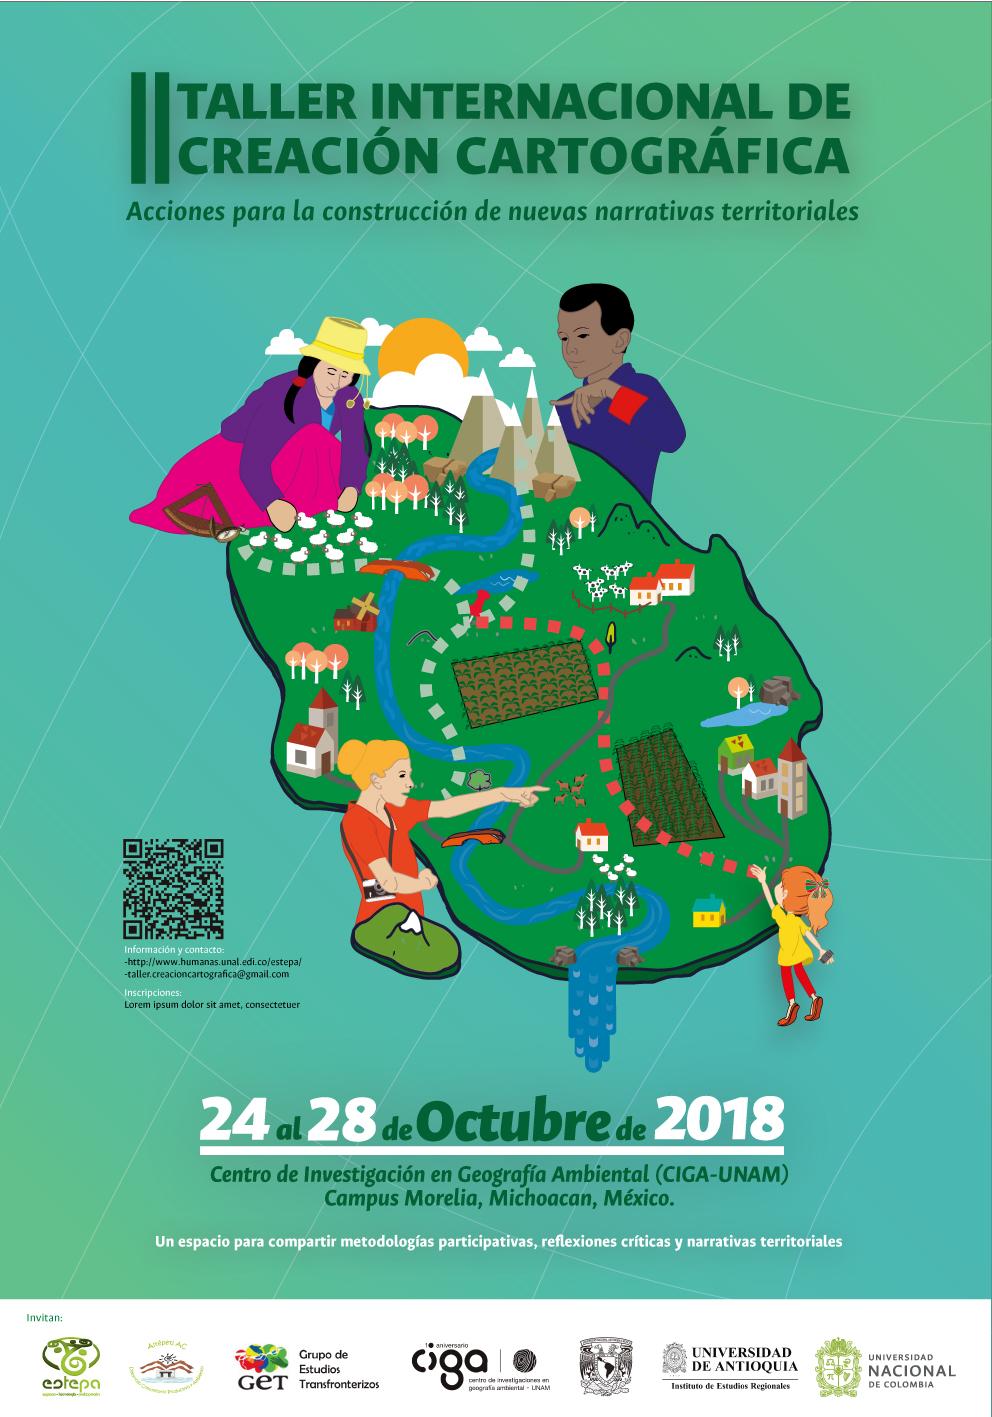 Segundo taller internacional de creación cartográfica: acciones para la construcción de nuevas narrativas territoriales